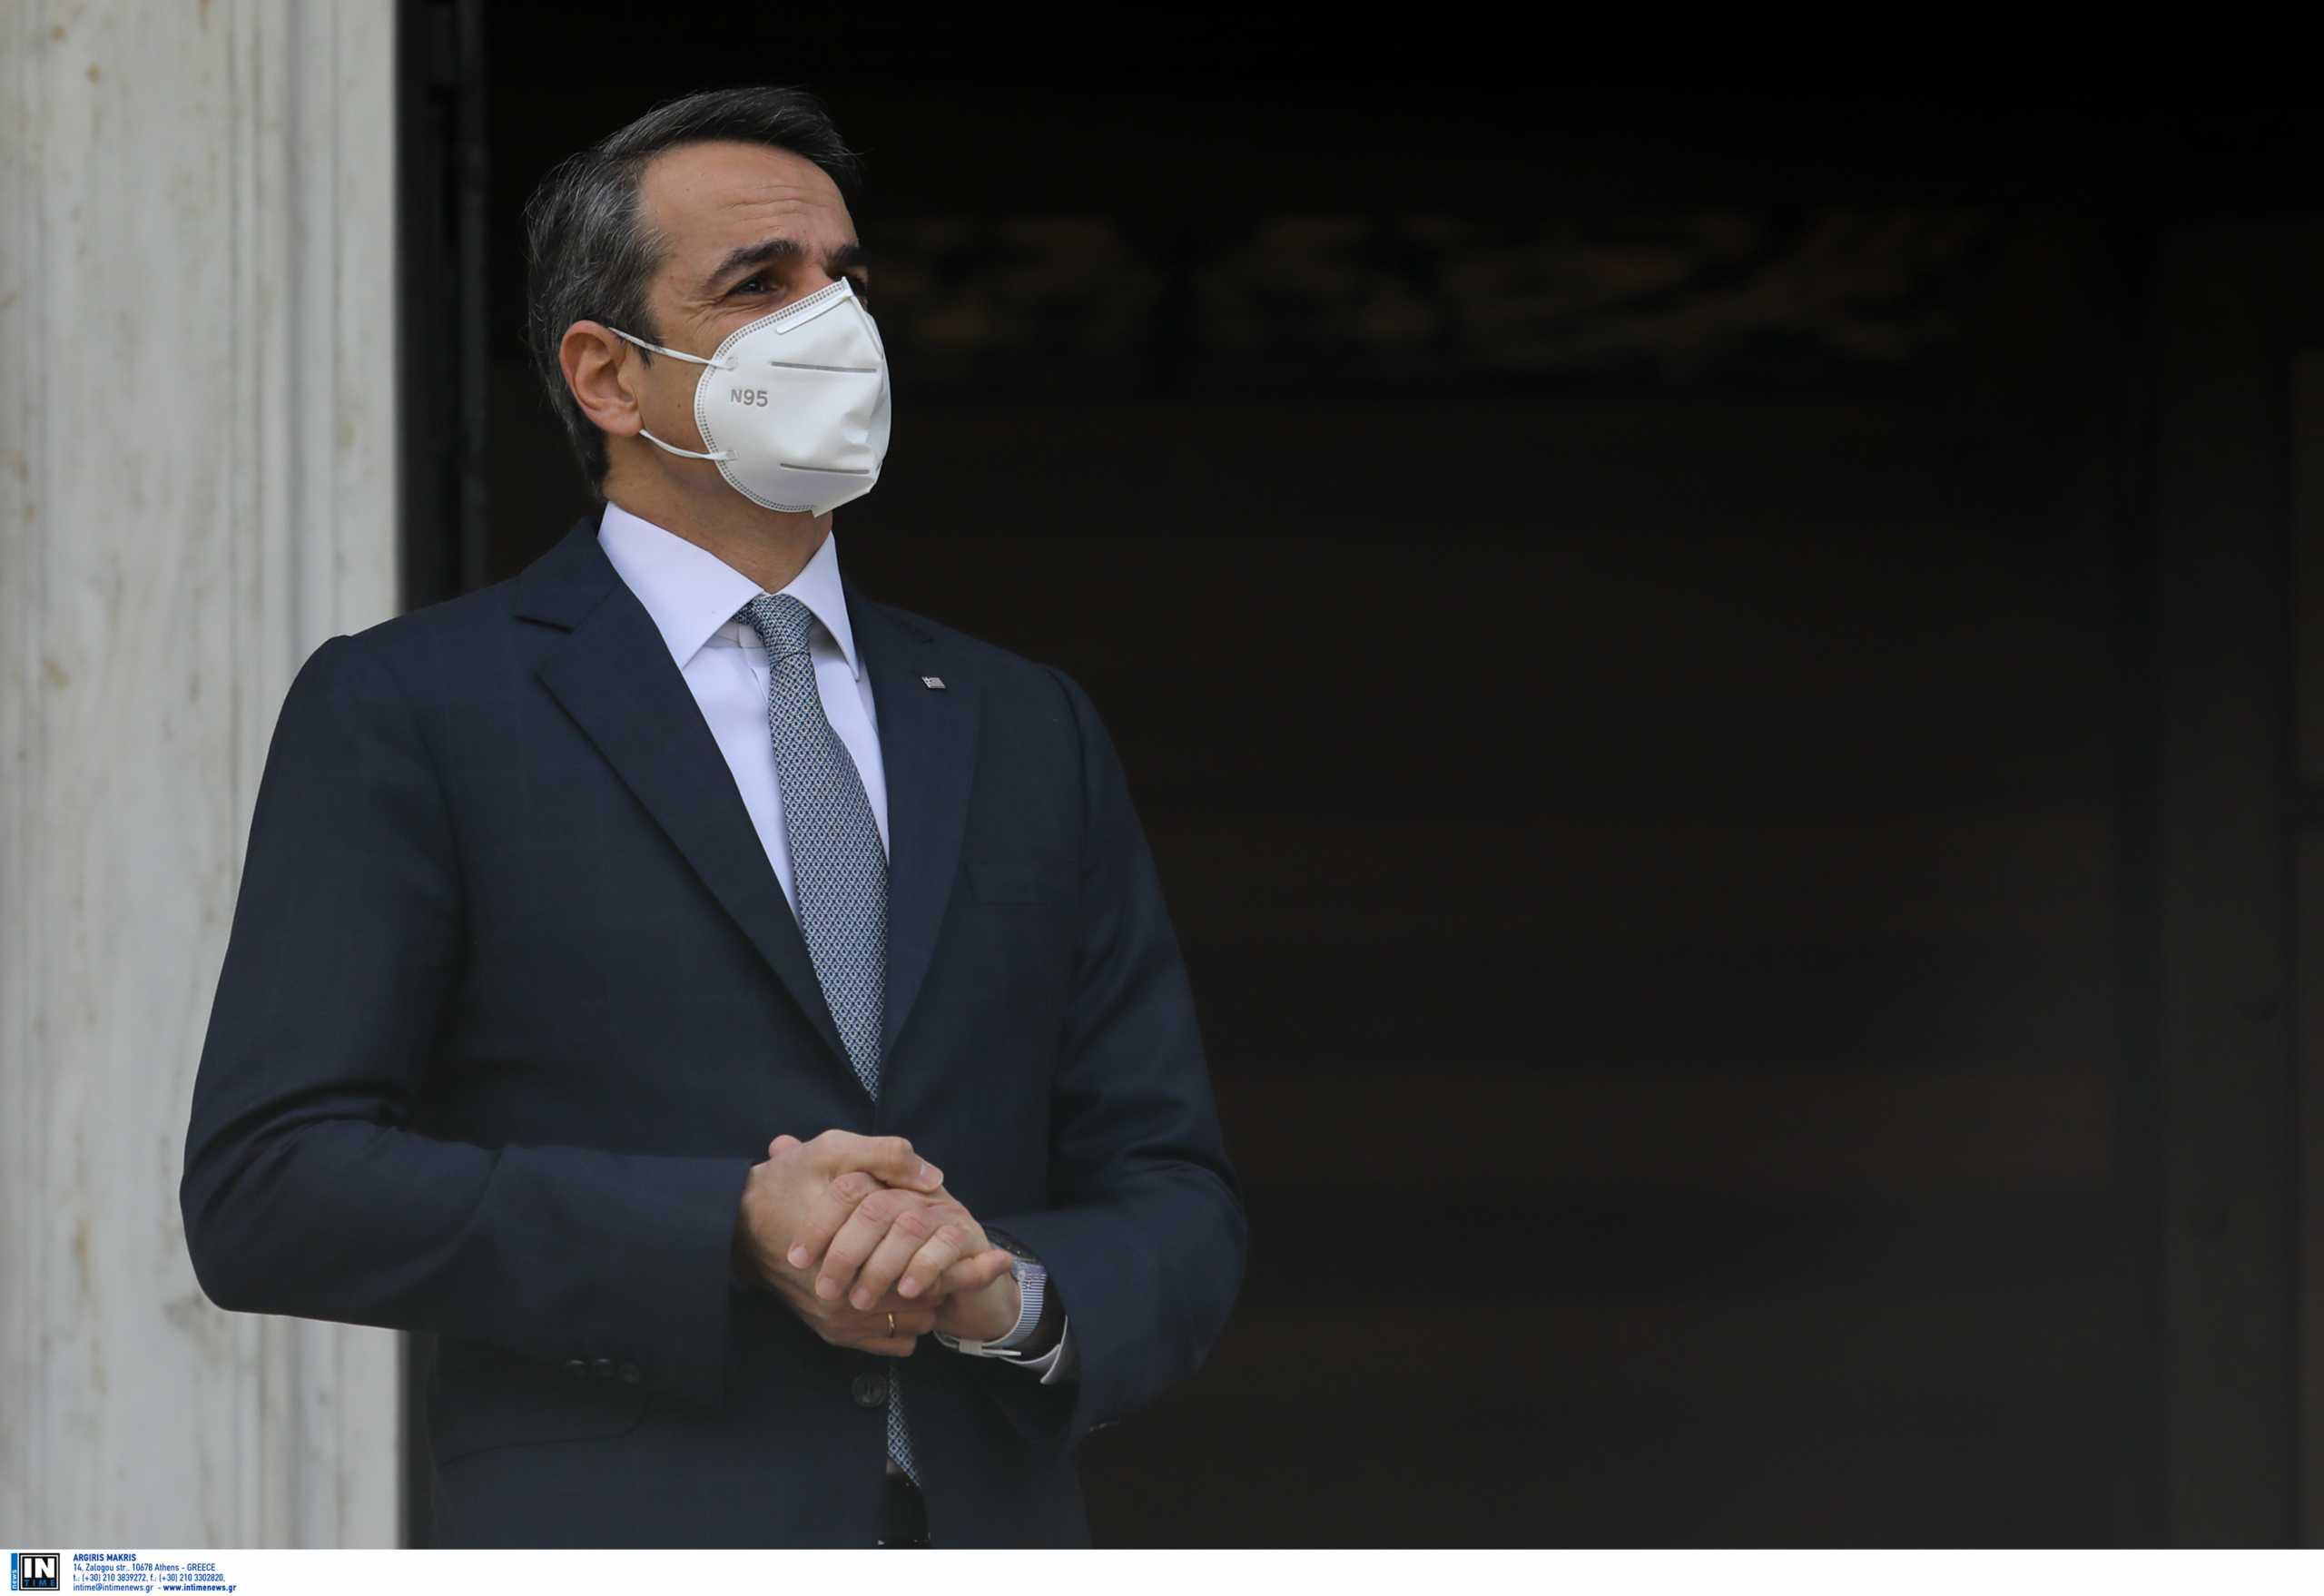 Κ. Μητσοτάκης: Βάλαμε τα θεμέλια για την ισχυρότερη δυνατή οικονομική ανάκαμψη